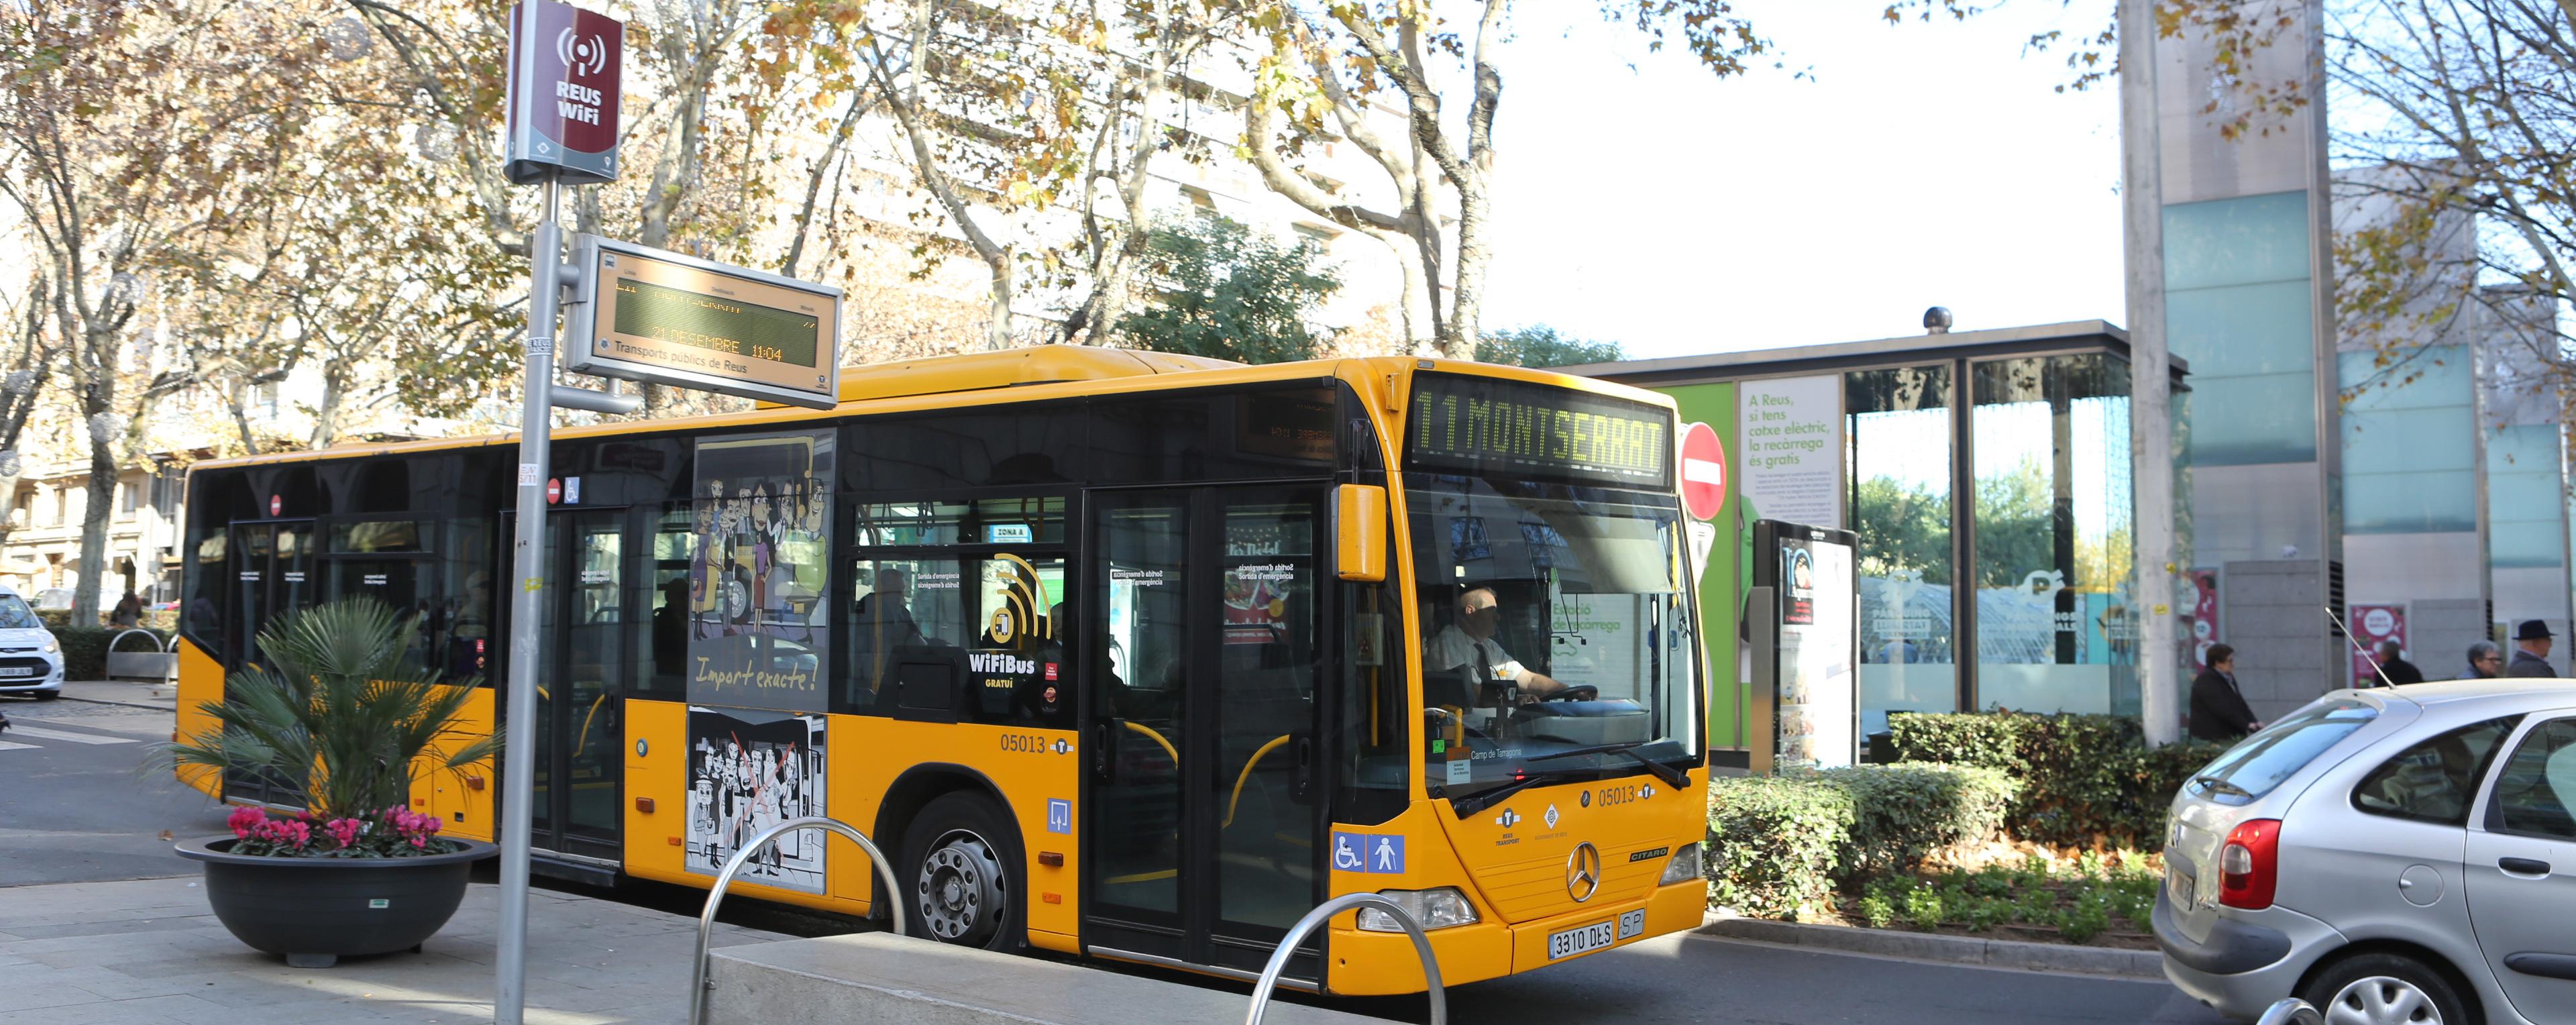 Valorar el servei Calidad y puntualidad del transporte público en Reus